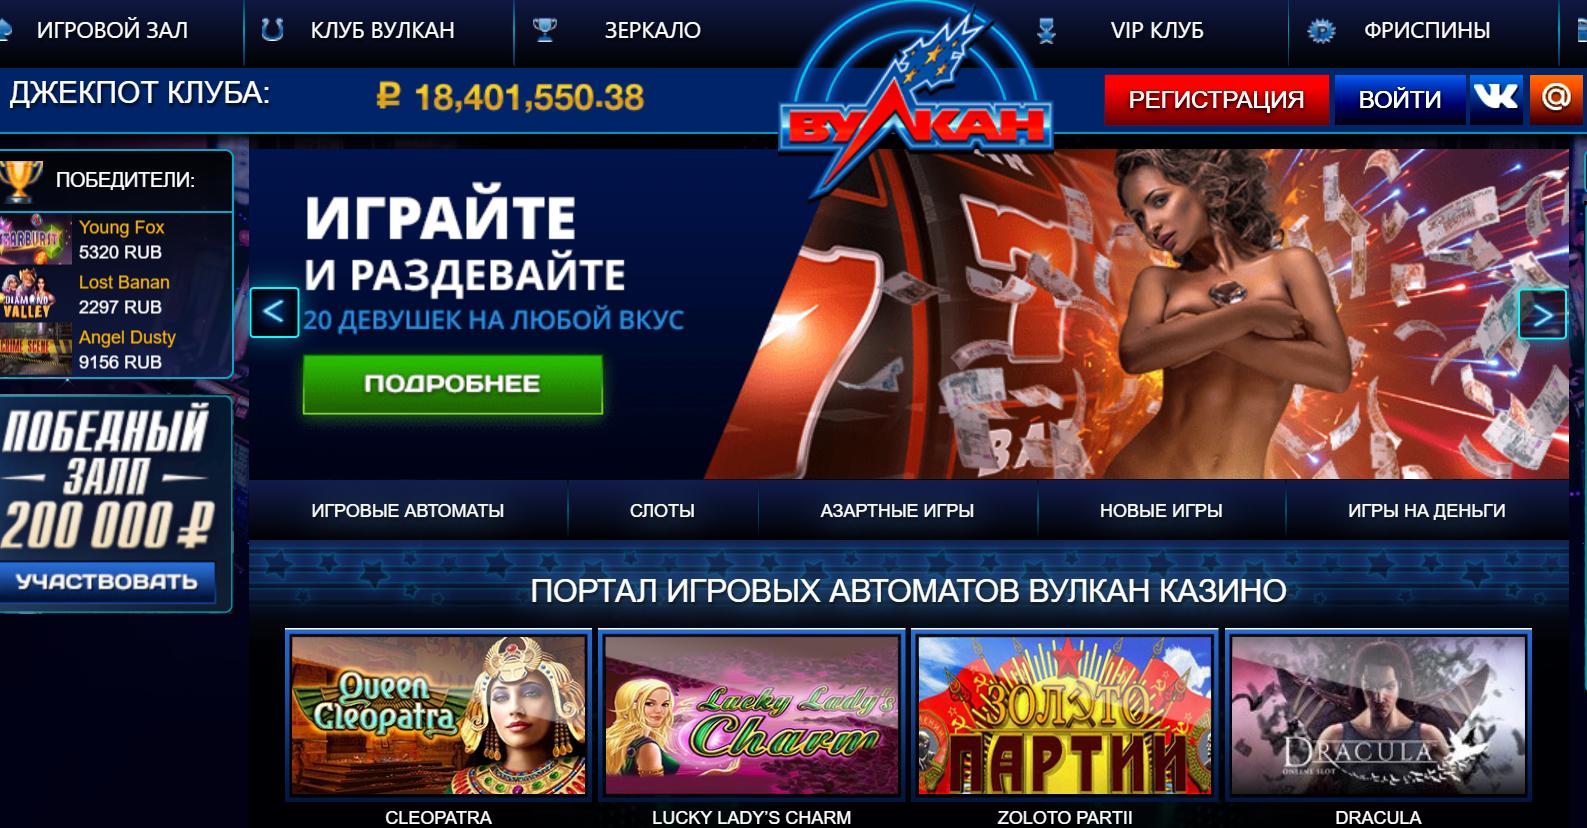 Официальная страница популярной игровой площадки Вулкан